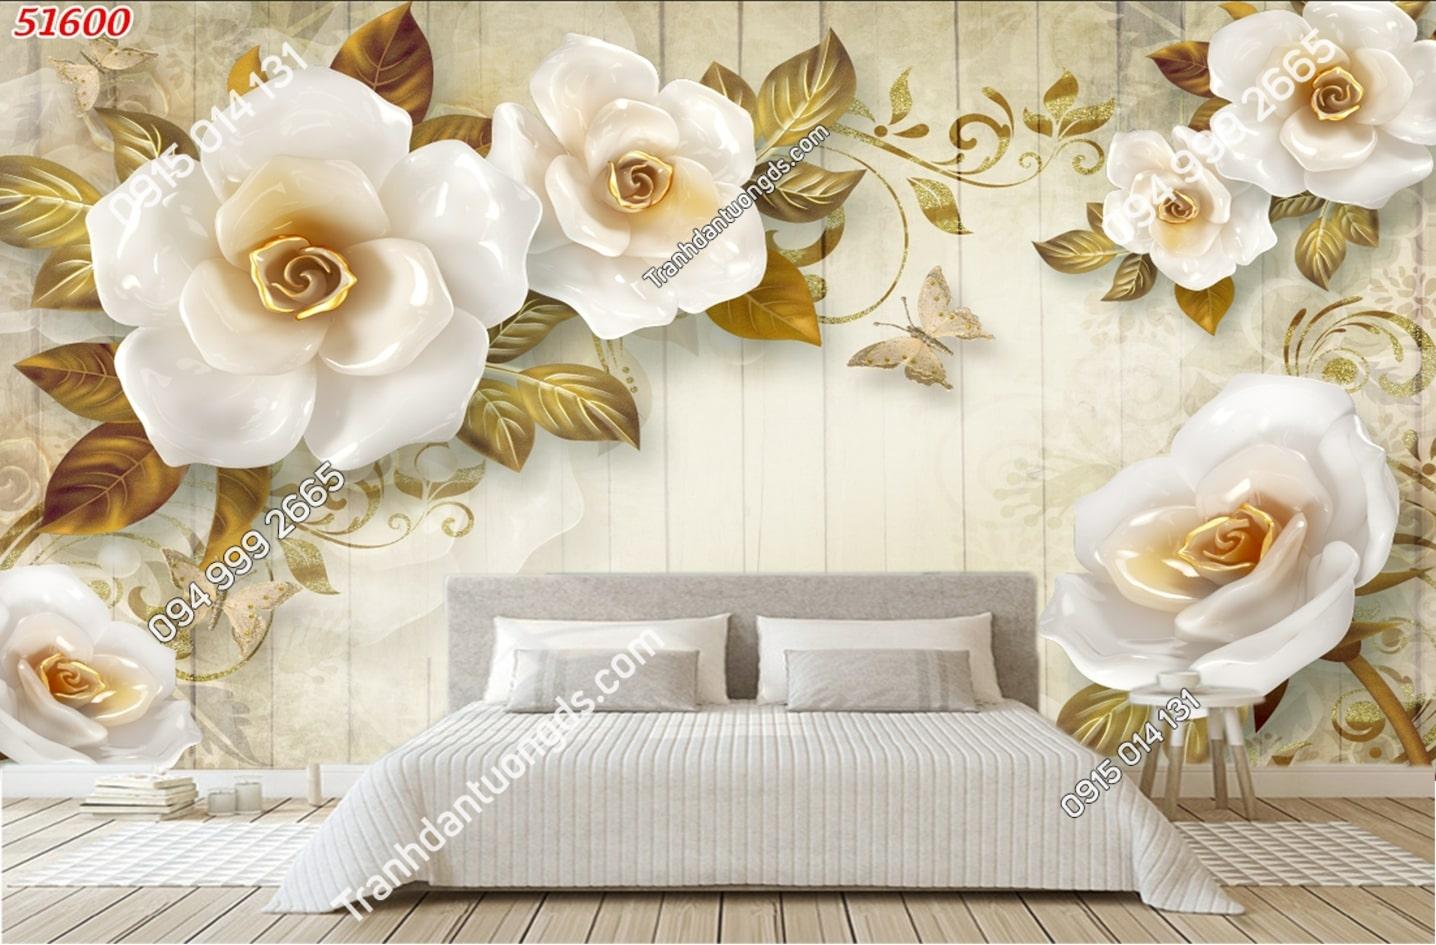 Tranh dán tường hoa 3D trắng giả ngọc 51600